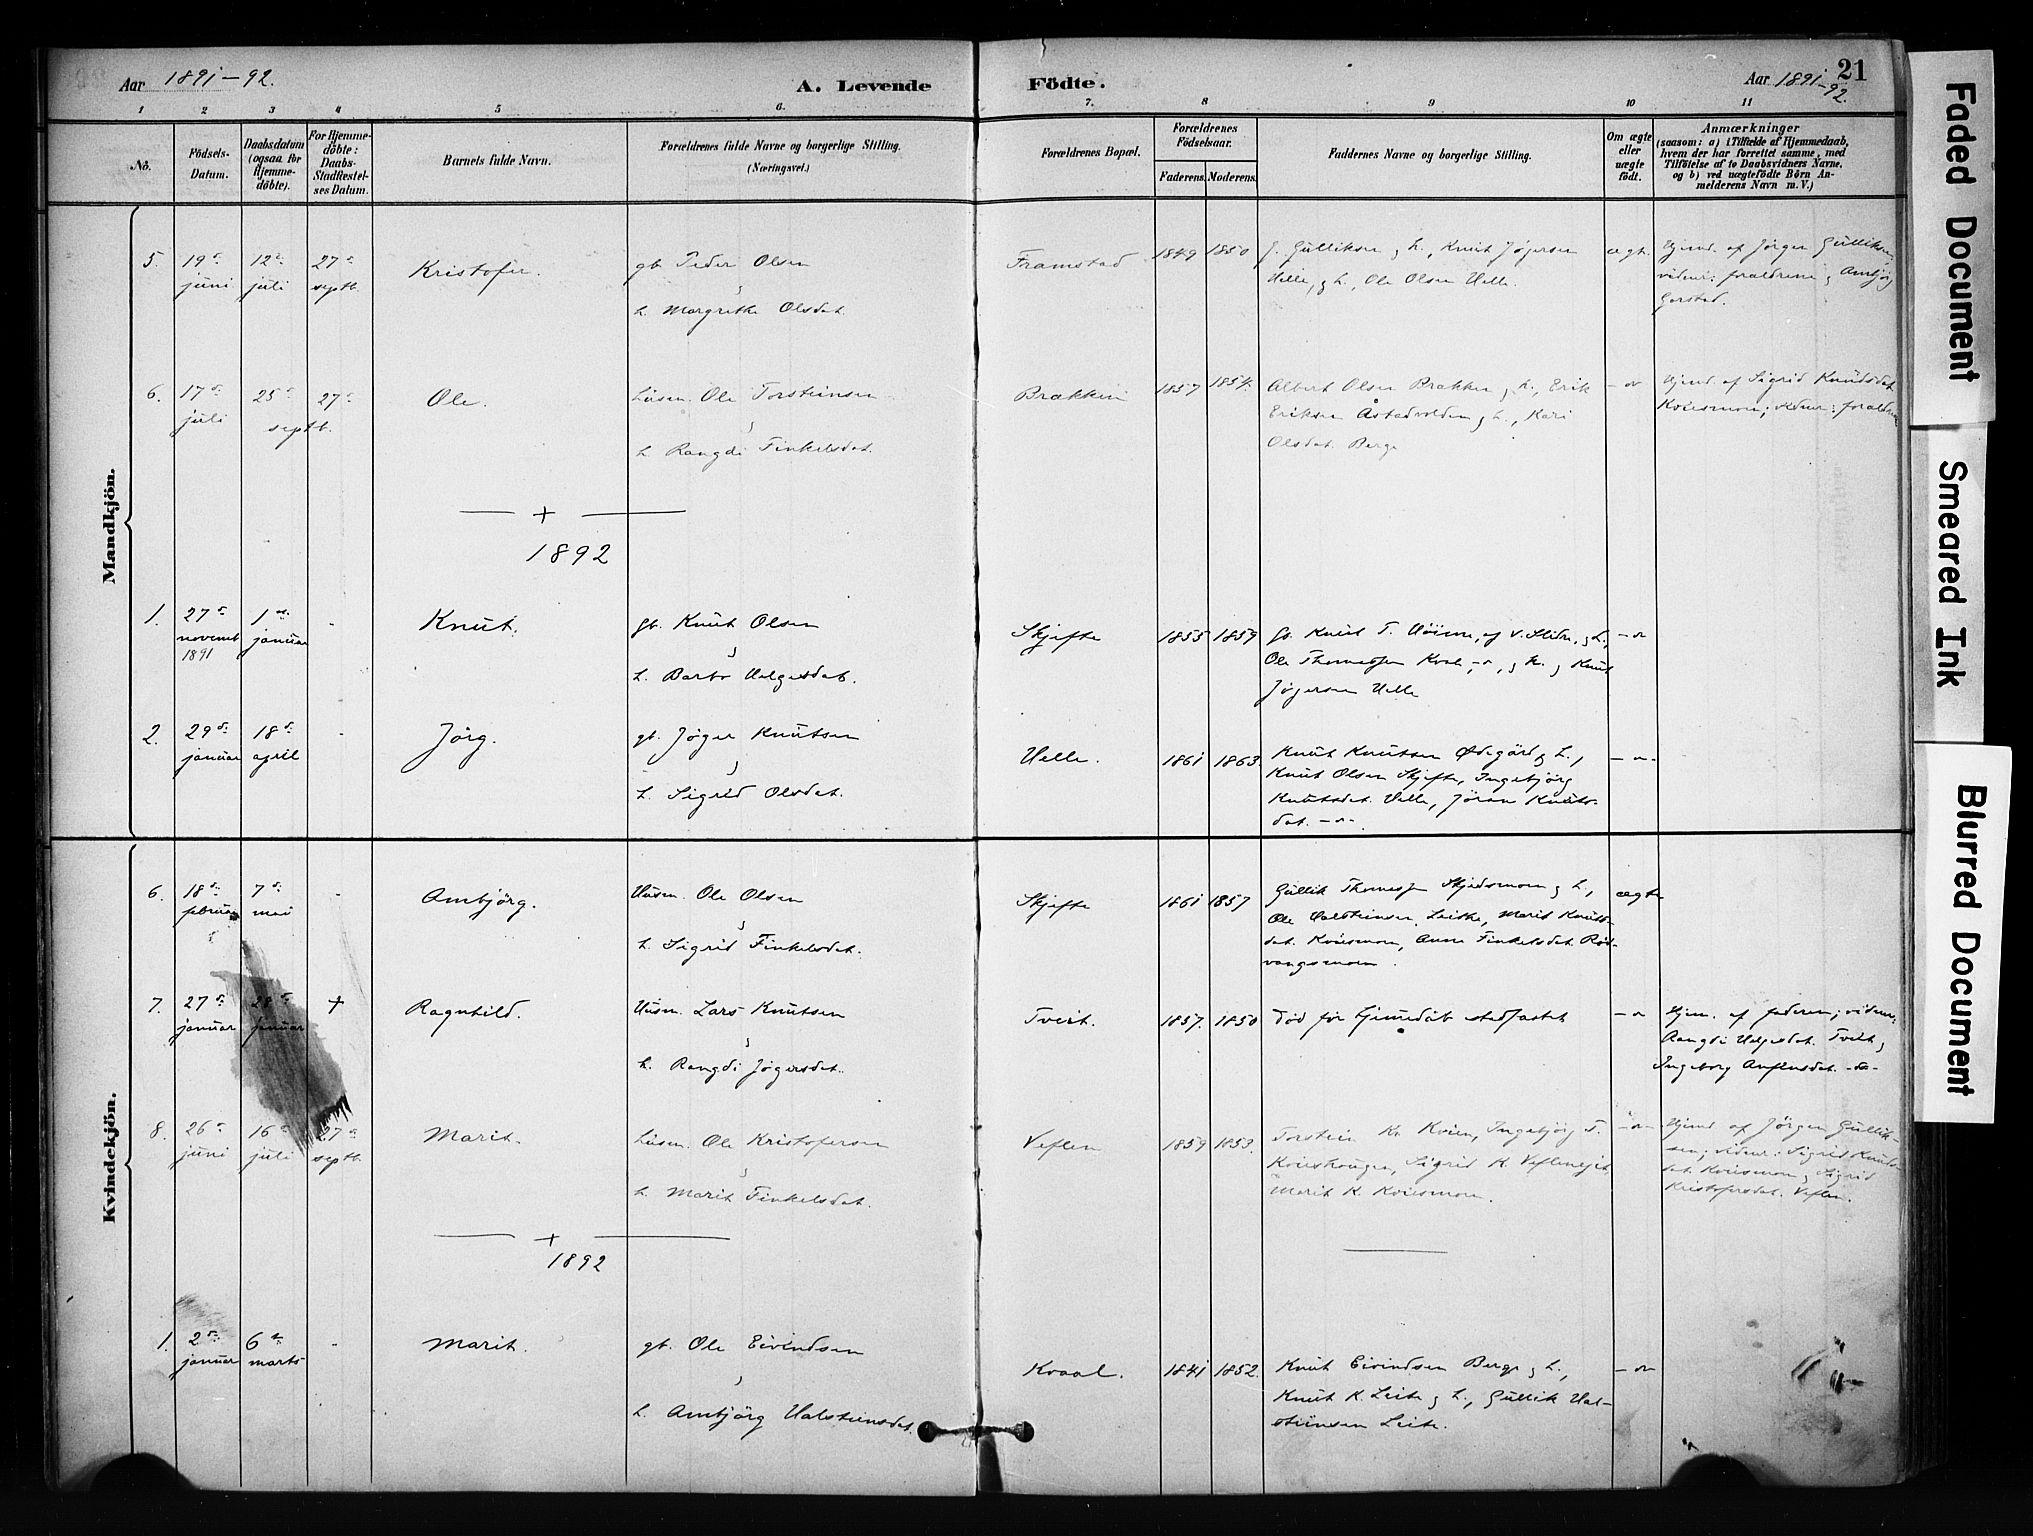 SAH, Vang prestekontor, Valdres, Ministerialbok nr. 9, 1882-1914, s. 21